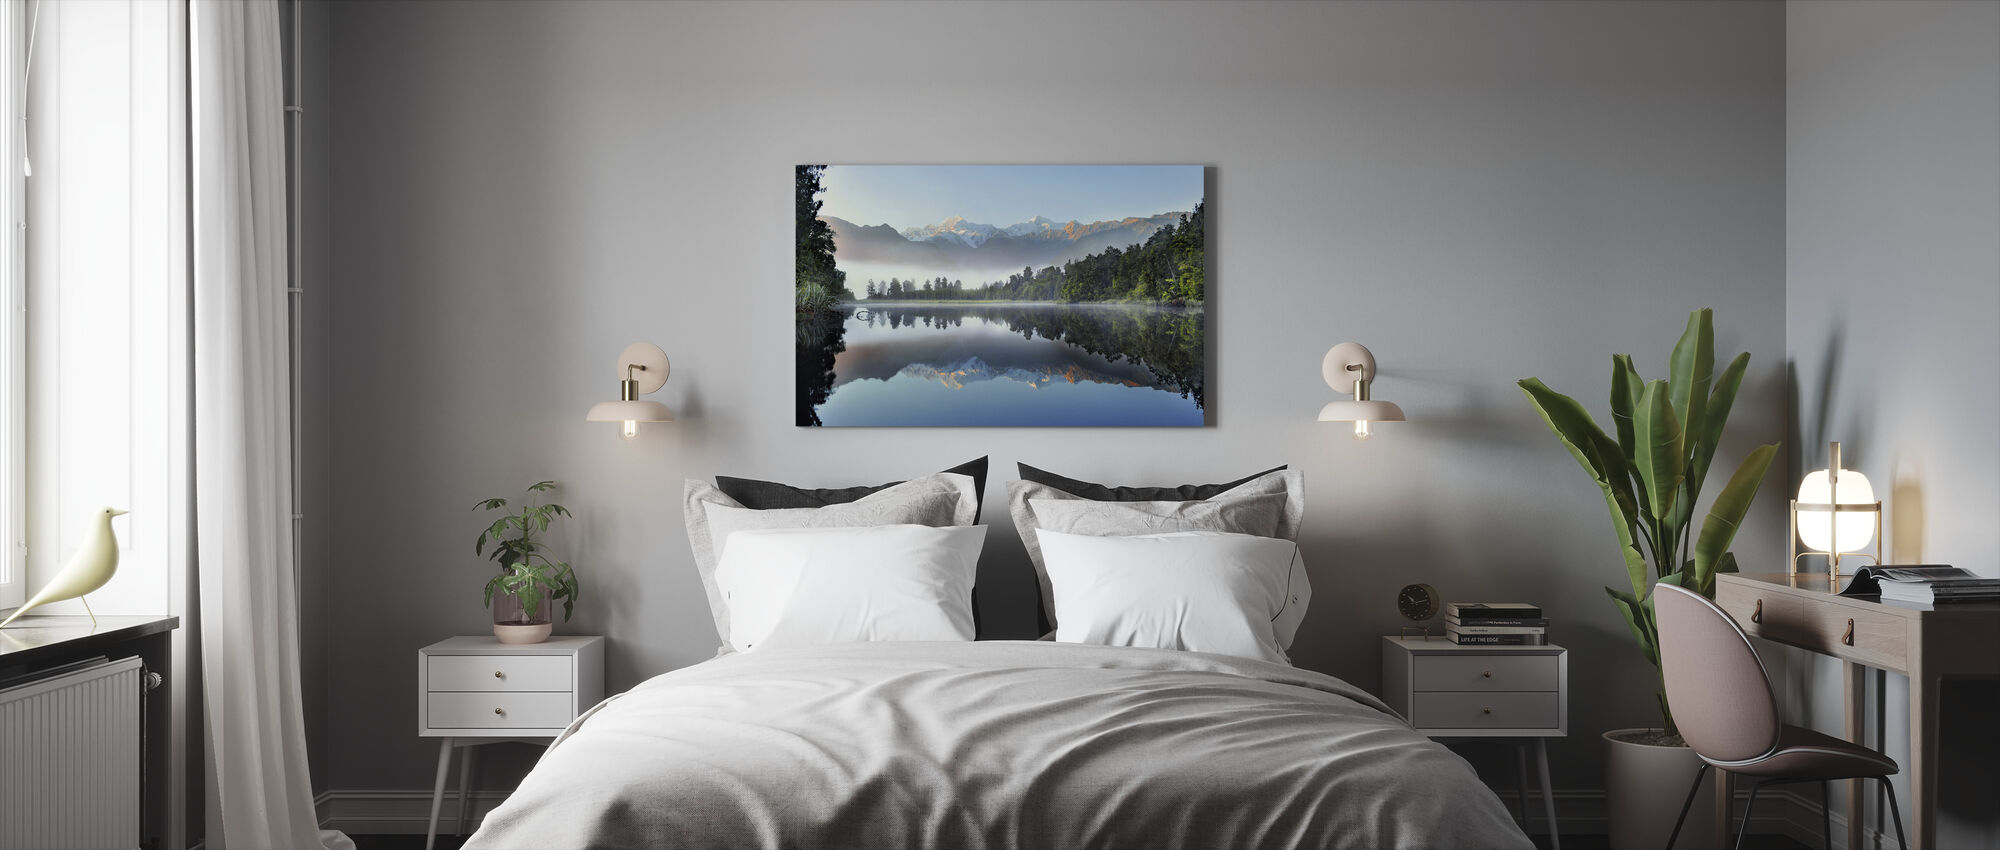 Matheson-järven heijastus - Canvastaulu - Makuuhuone